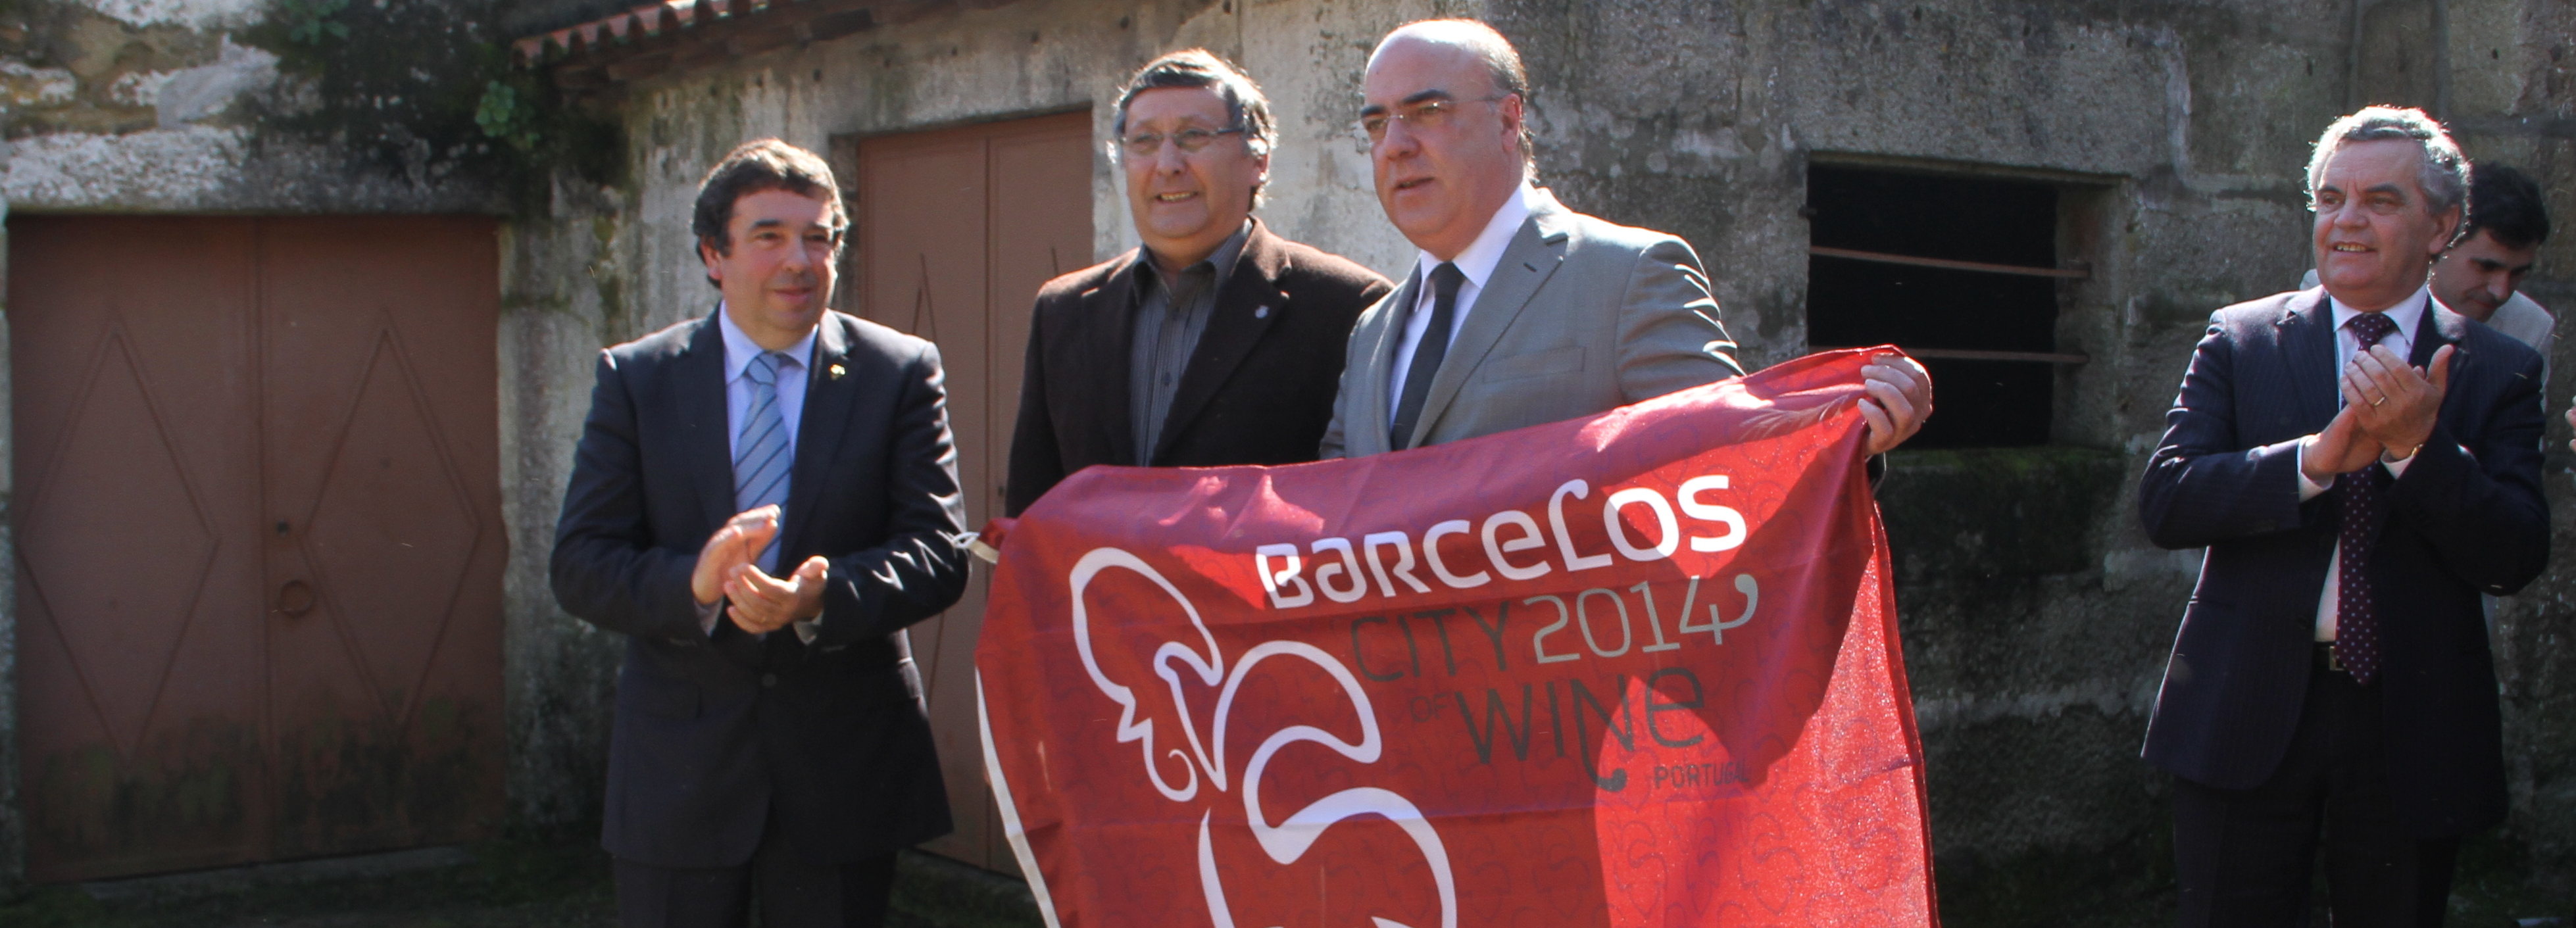 Abertura oficial de Barcelos Cidade do Vinho 2014